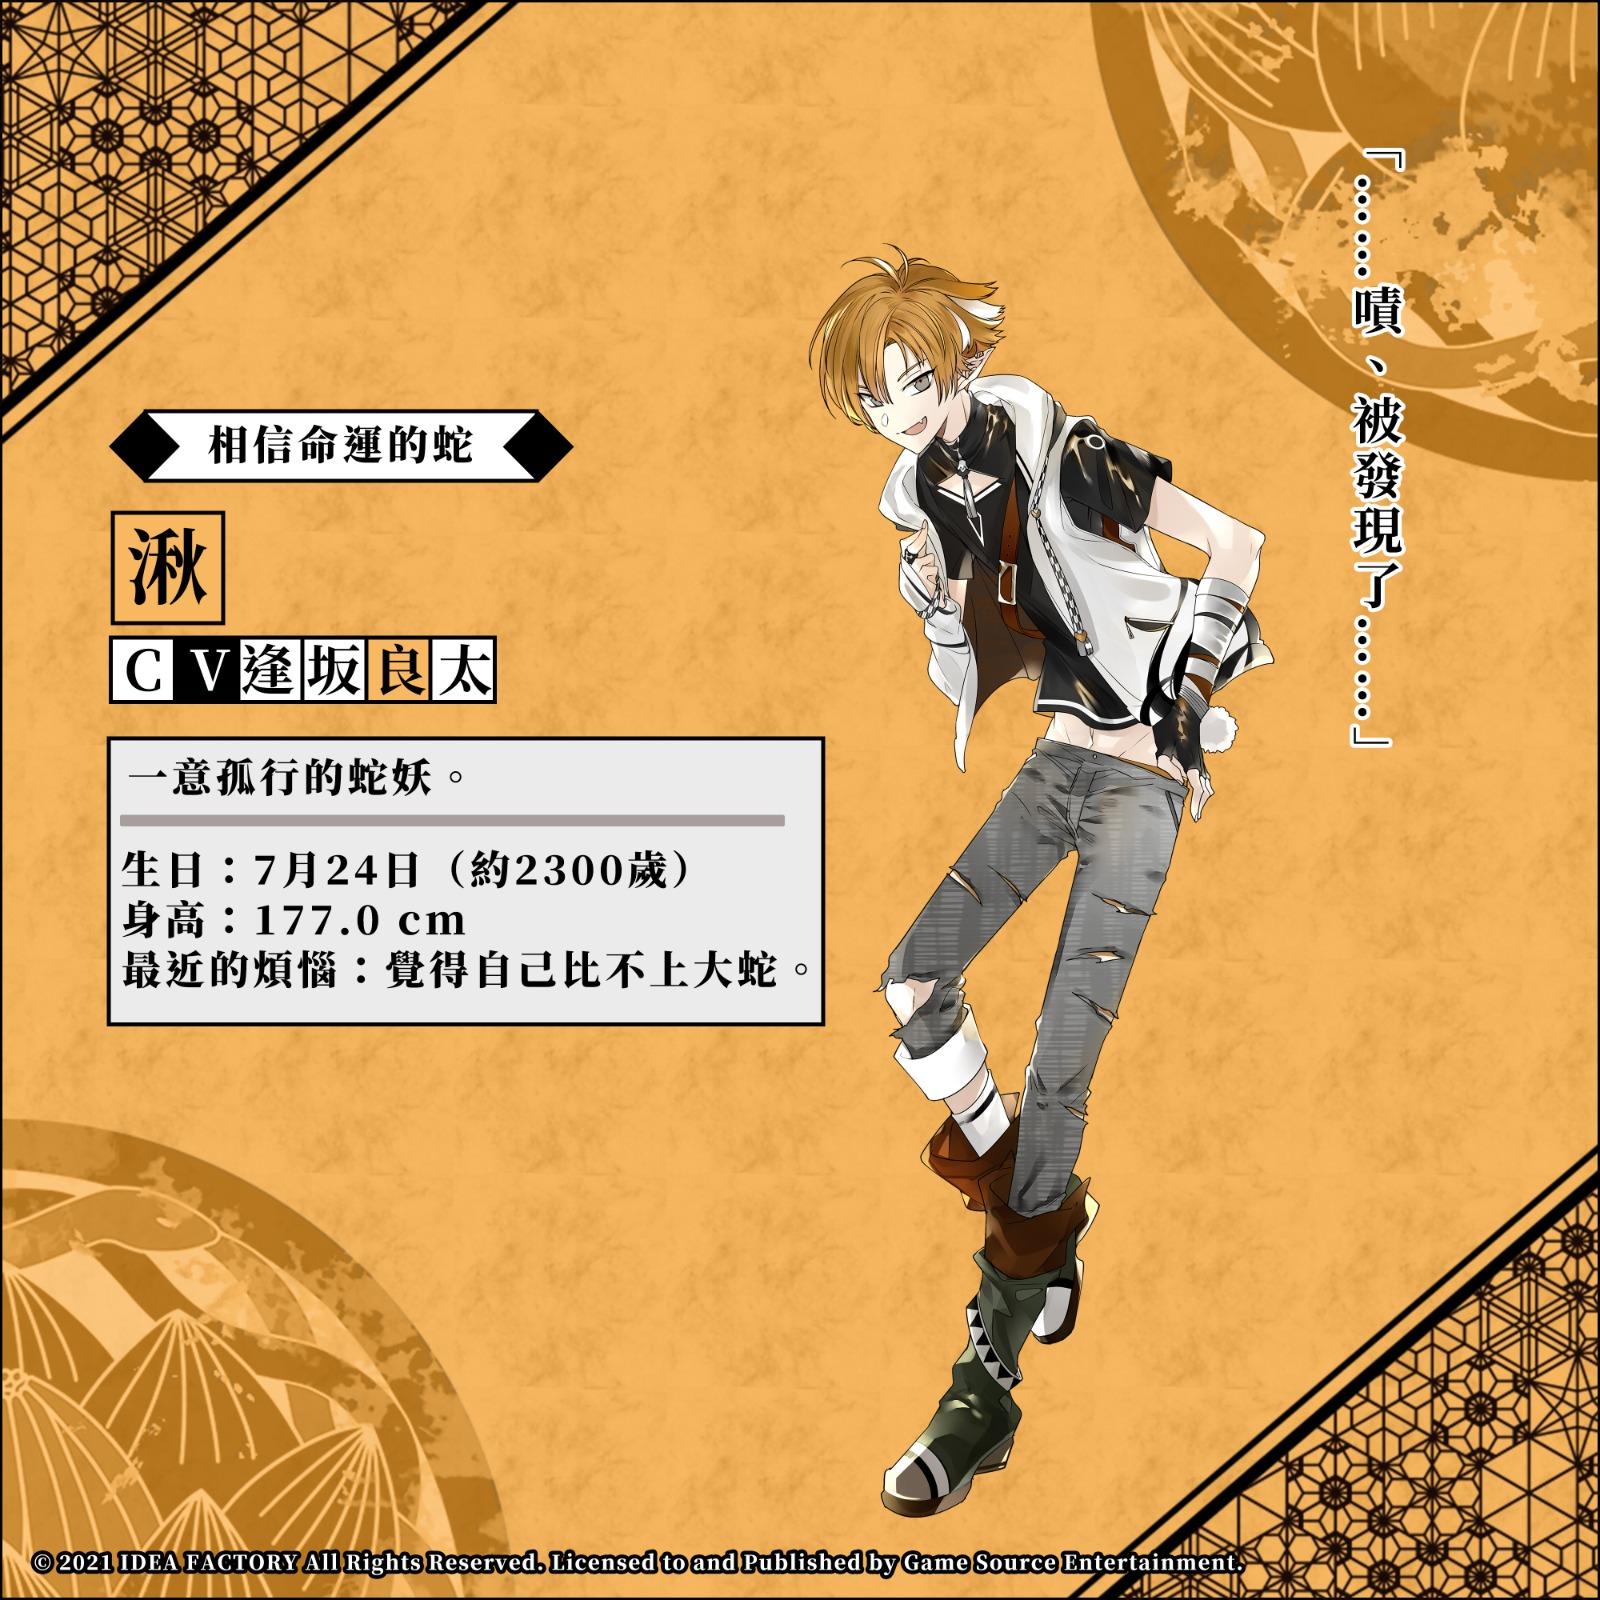 第六妖守, Dairoku Ayakashimori, 湫, 逢坂良太, Game Source Entertainment, GSE,